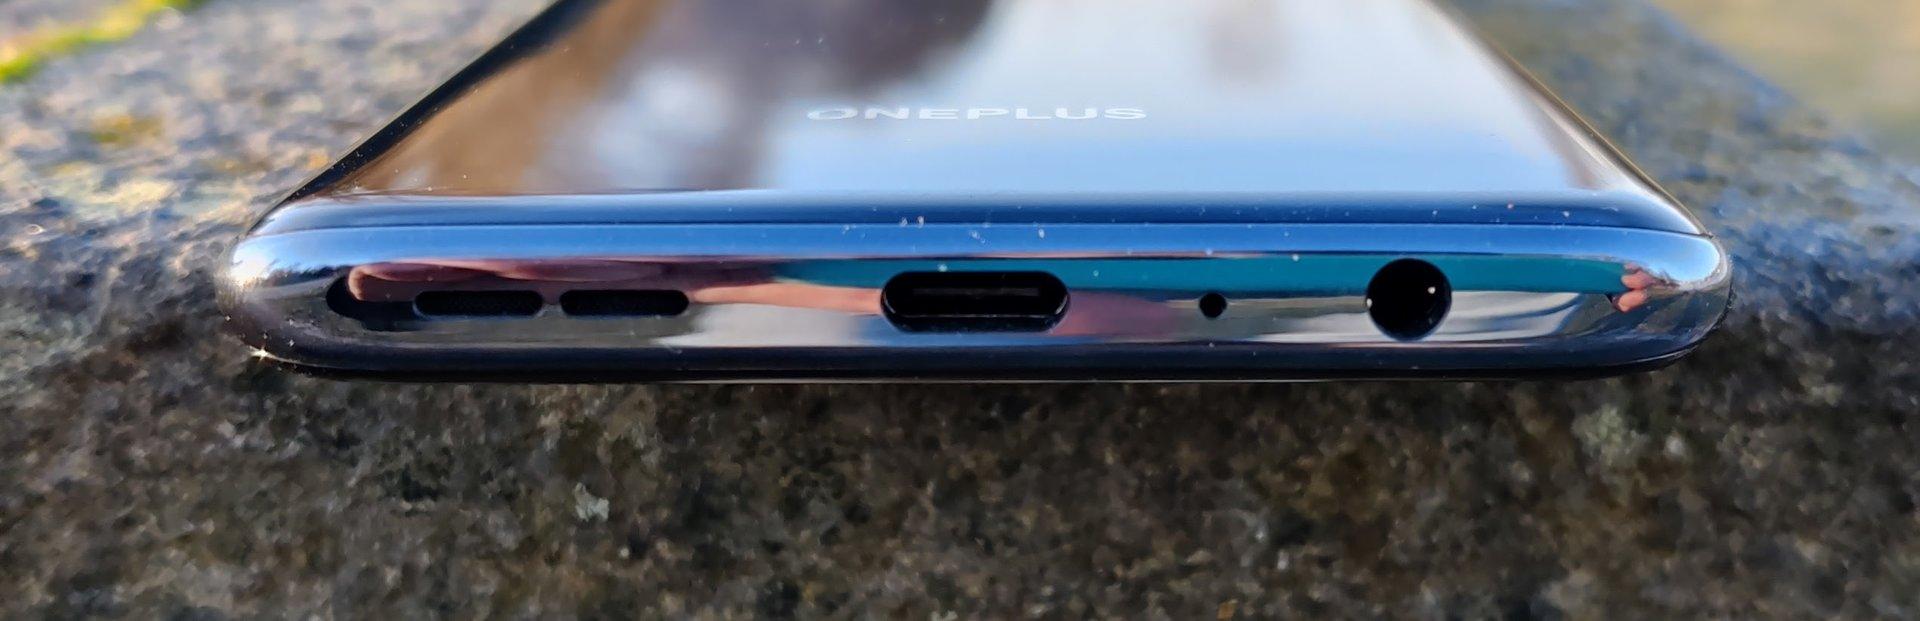 OnePlus Nord N10 5G alareuna, jossa mm 3,5mm kuulokeliitäntä